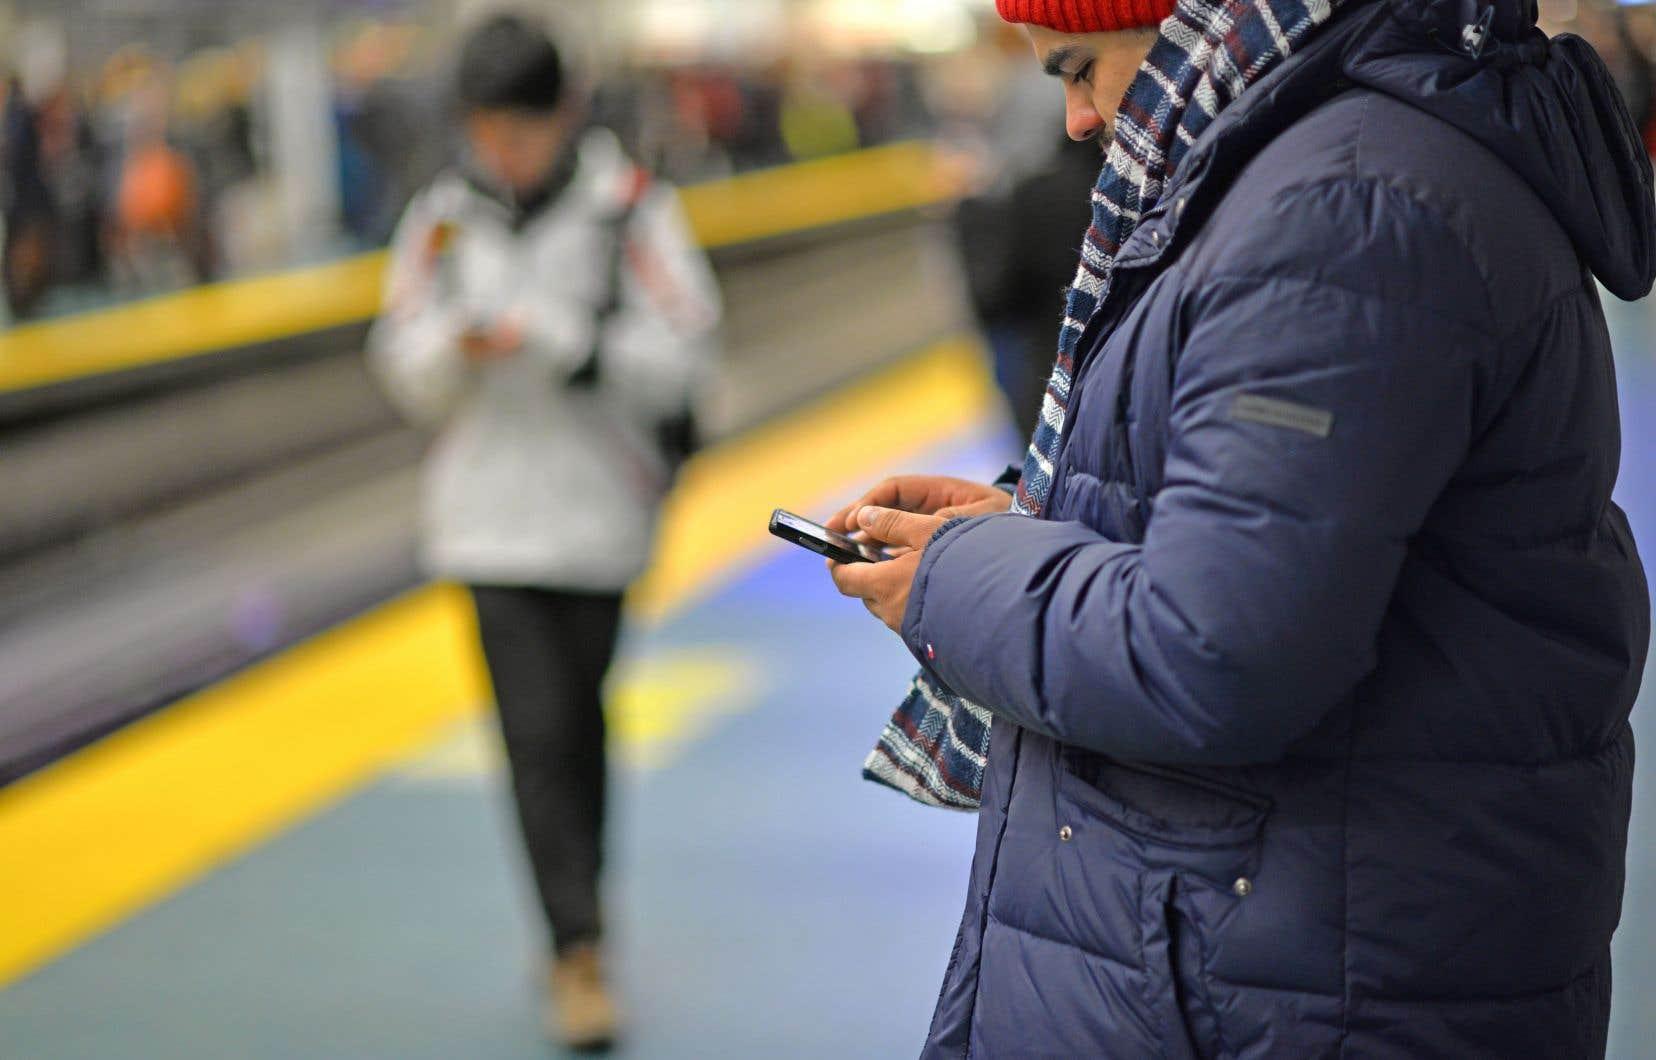 Le CRTC estime que les Canadiens connaissent mal leurs recours et songe notamment à l'imposition d'un nouveau code de conduite qui couvrirait les services Internet.